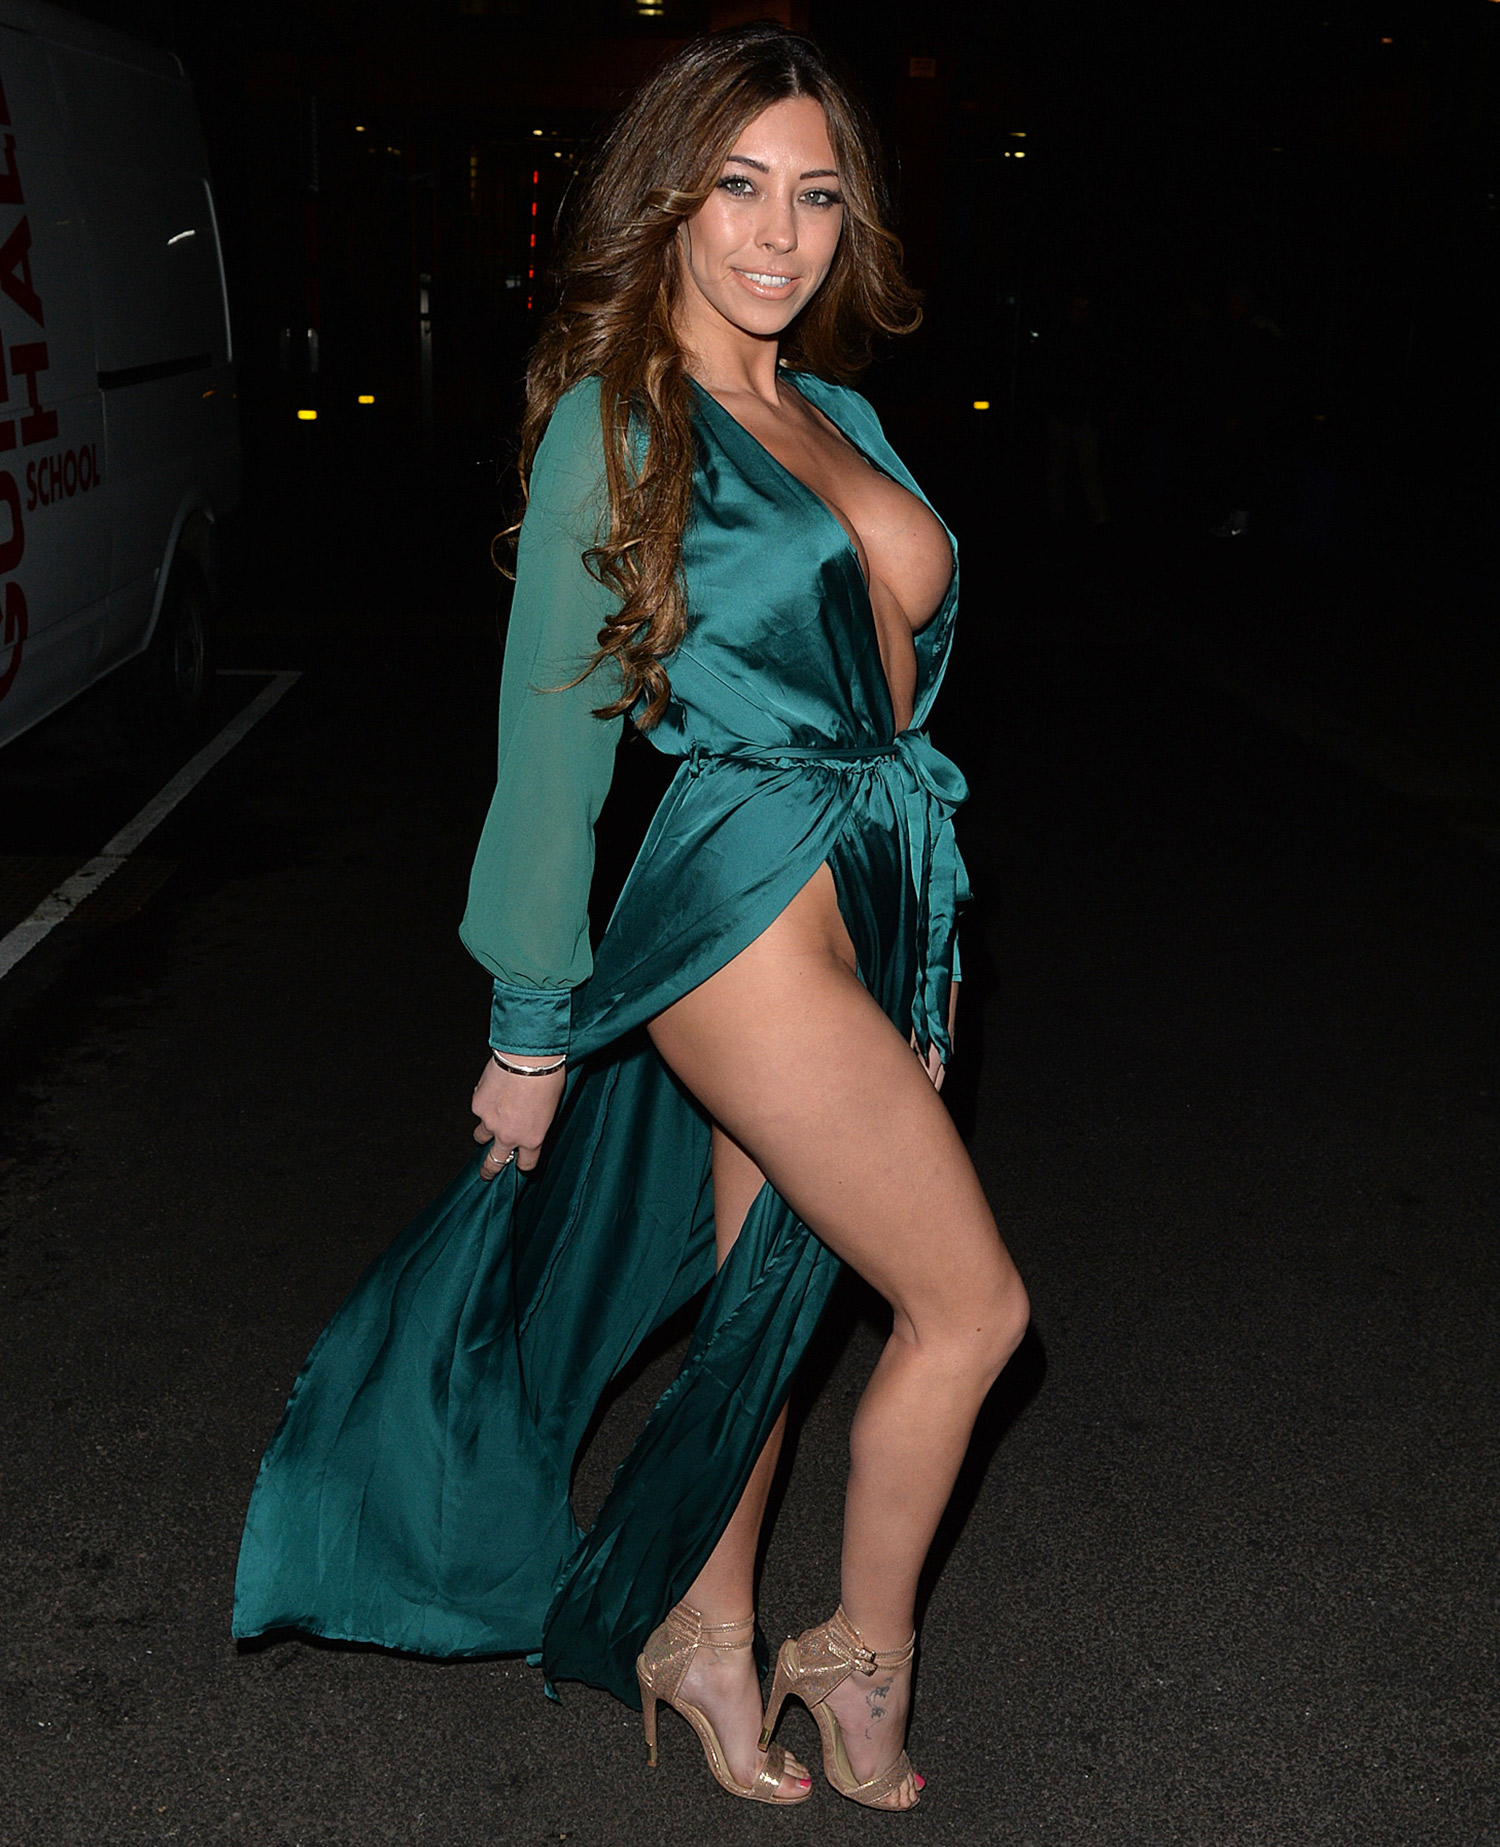 Celebrity Nip Slips — Pics - hollywoodlife.com